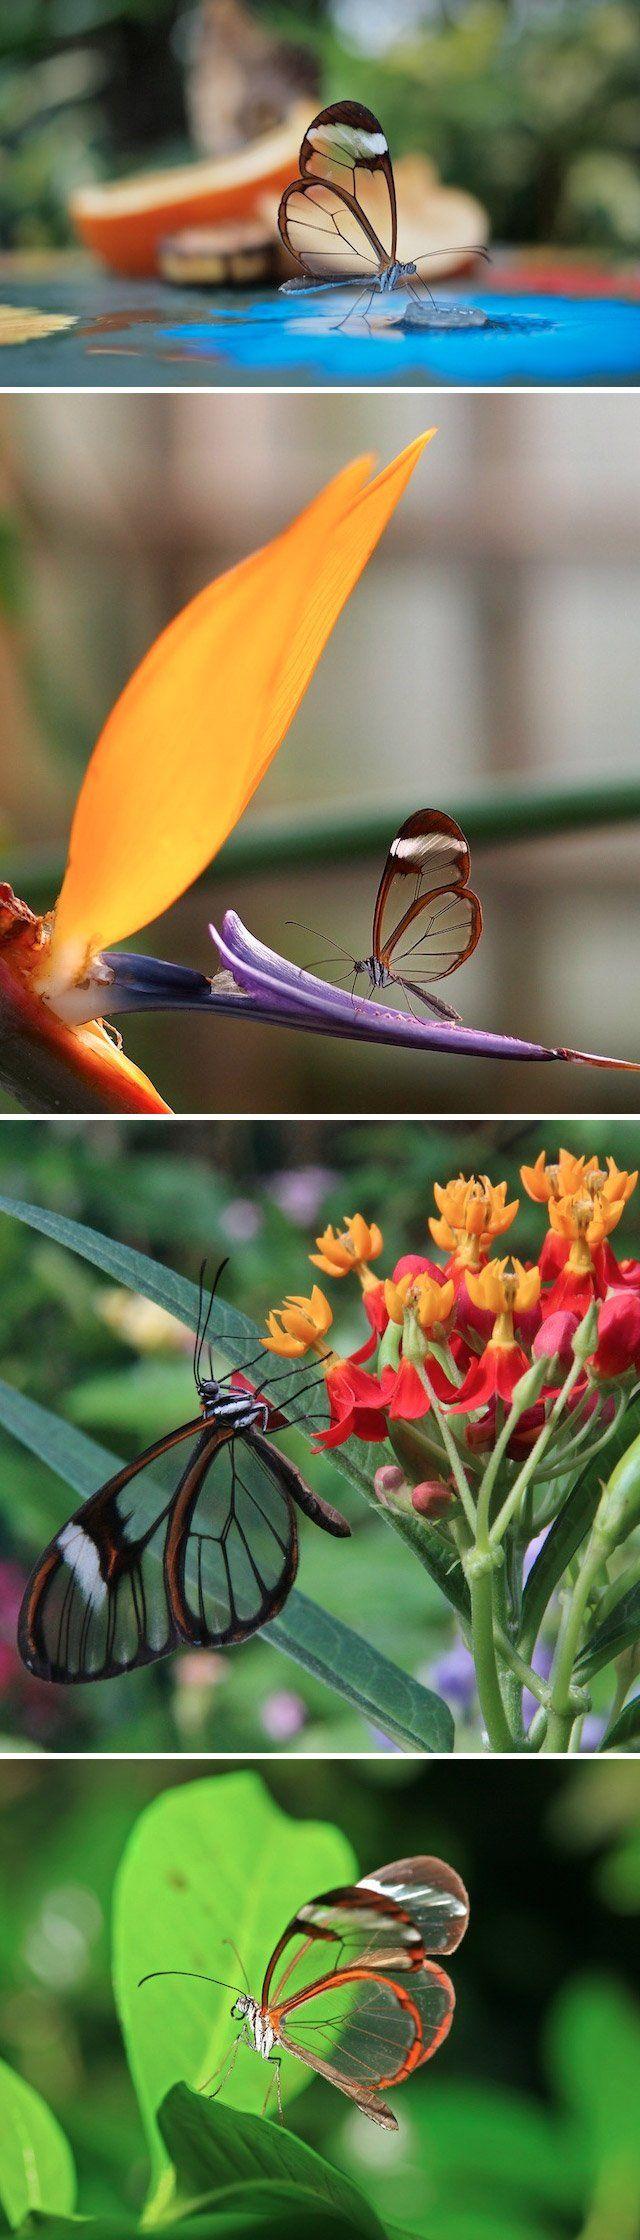 Esse é mais um daqueles exemplos de design da natureza de cair o queixo. Conheça a Greta Oto, uma borboletada famíliaNymphalidae,também conhecida comoborboleta de cristal. Otecido entre as nervuras das asas dela se parece mais com vidro, porqueque não têm as escamascoloridasencontradas em outras borboletas.Fizemos uma compilação de fotos desse ser incrível,que somente pode ser encontrado em algumas regiões da América Central, entre o México e Panamá.Via